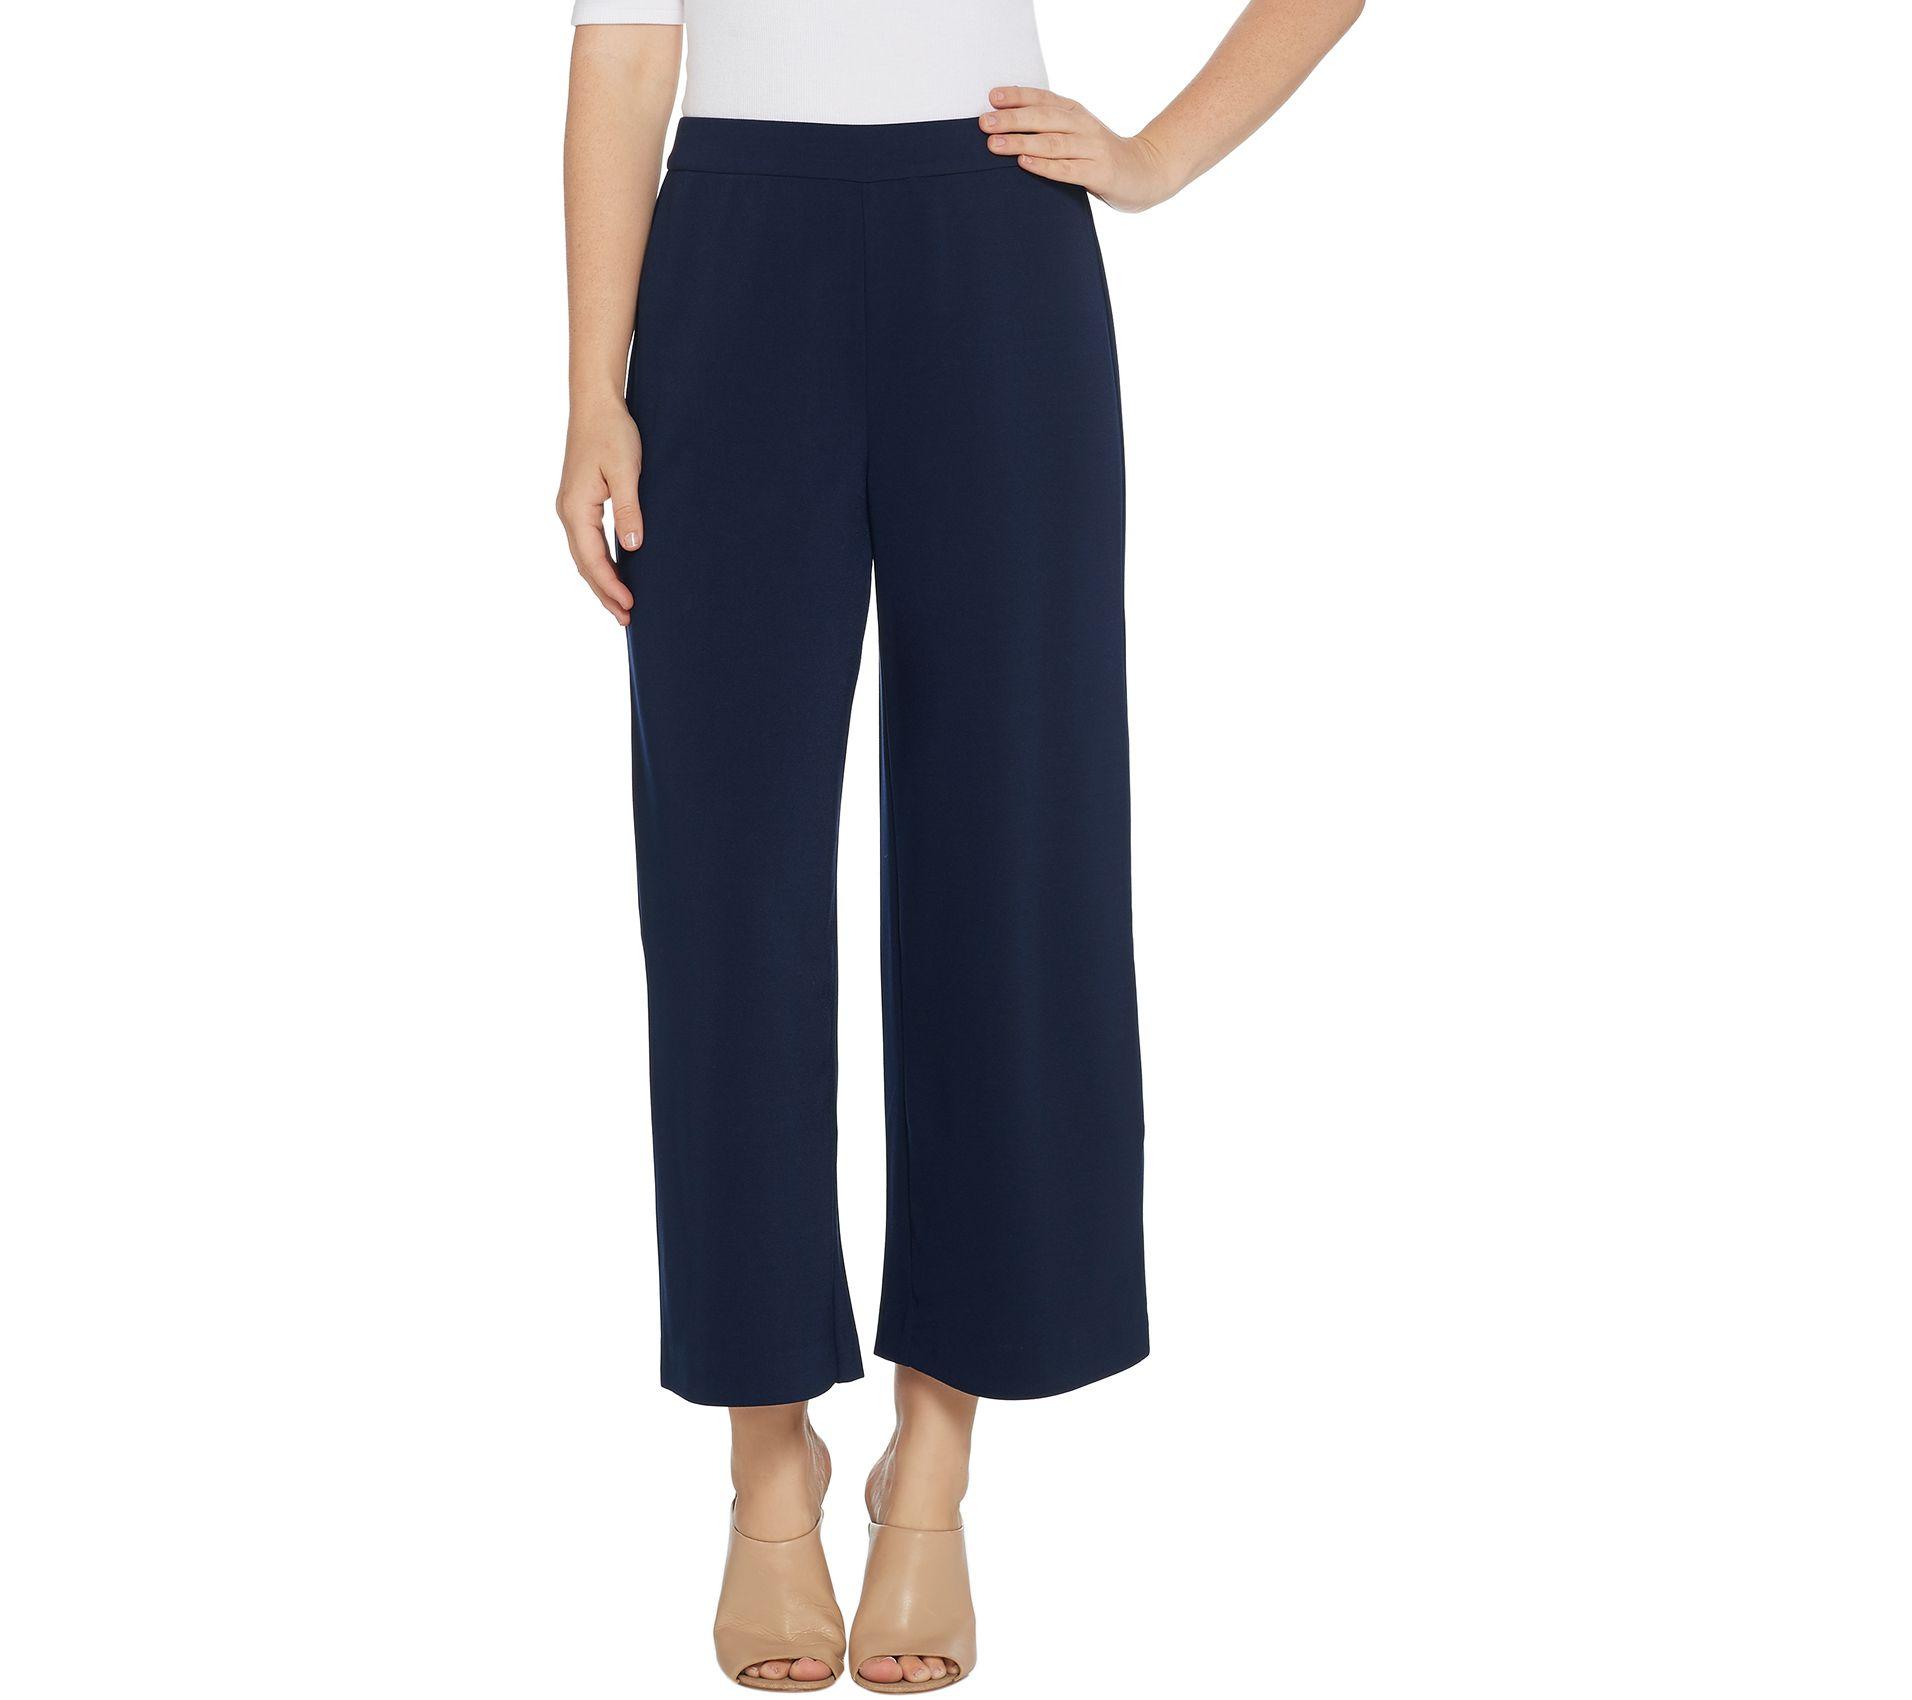 26e55c1f7c Susan Graver Milano Knit Wide Leg Crop Pants - Page 1 — QVC.com